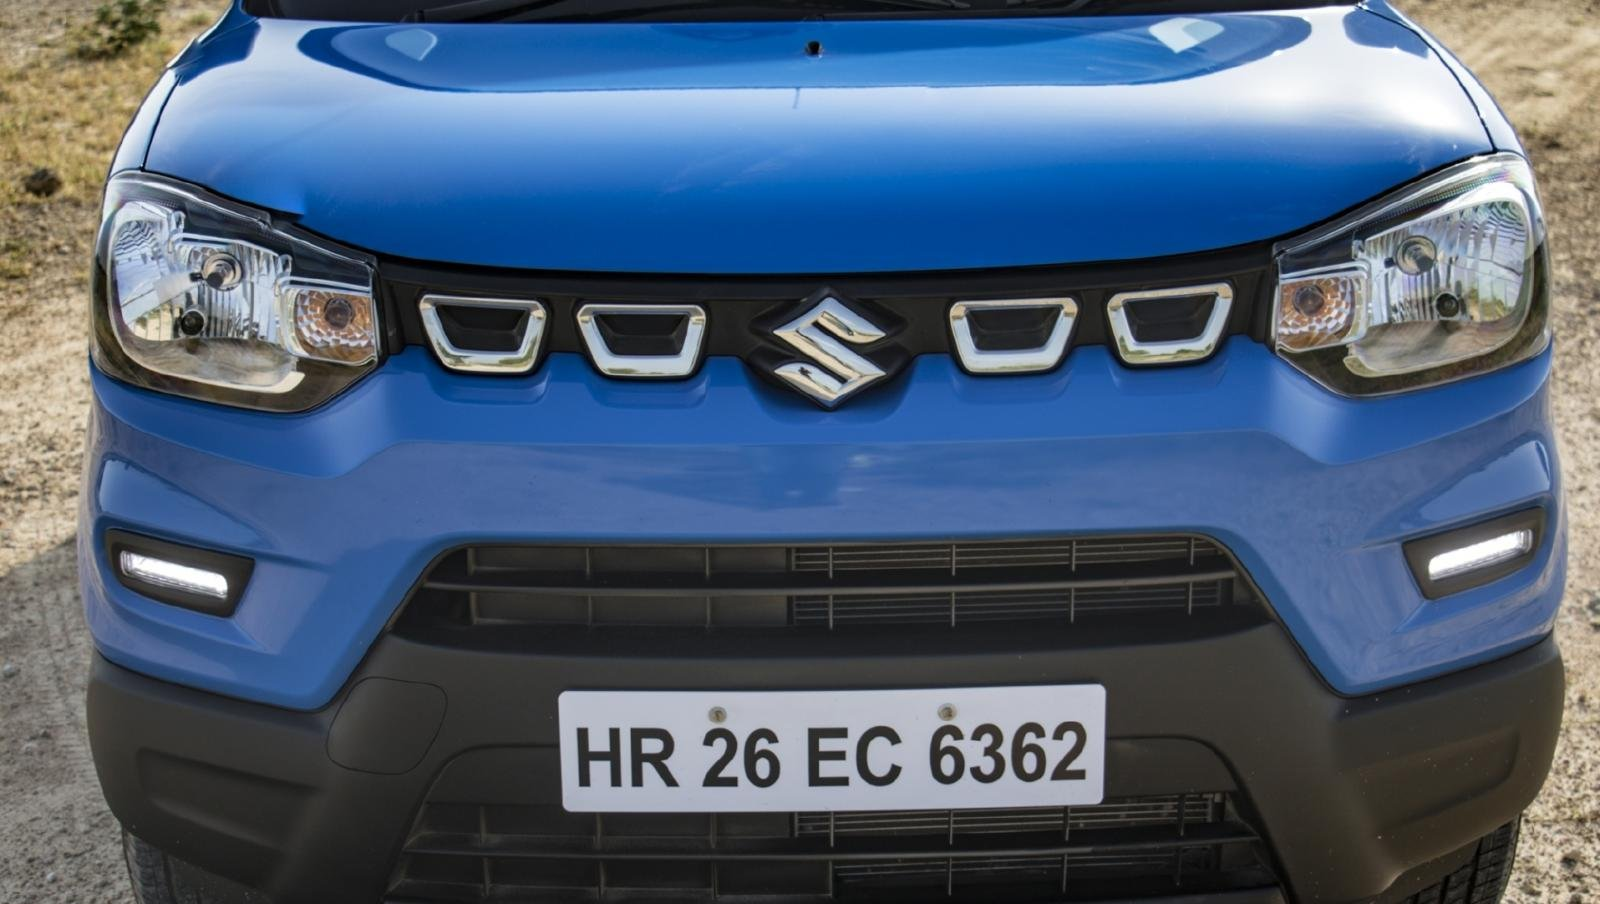 Lưới tản nhiệt của xe Suzuki S-Presso 2020